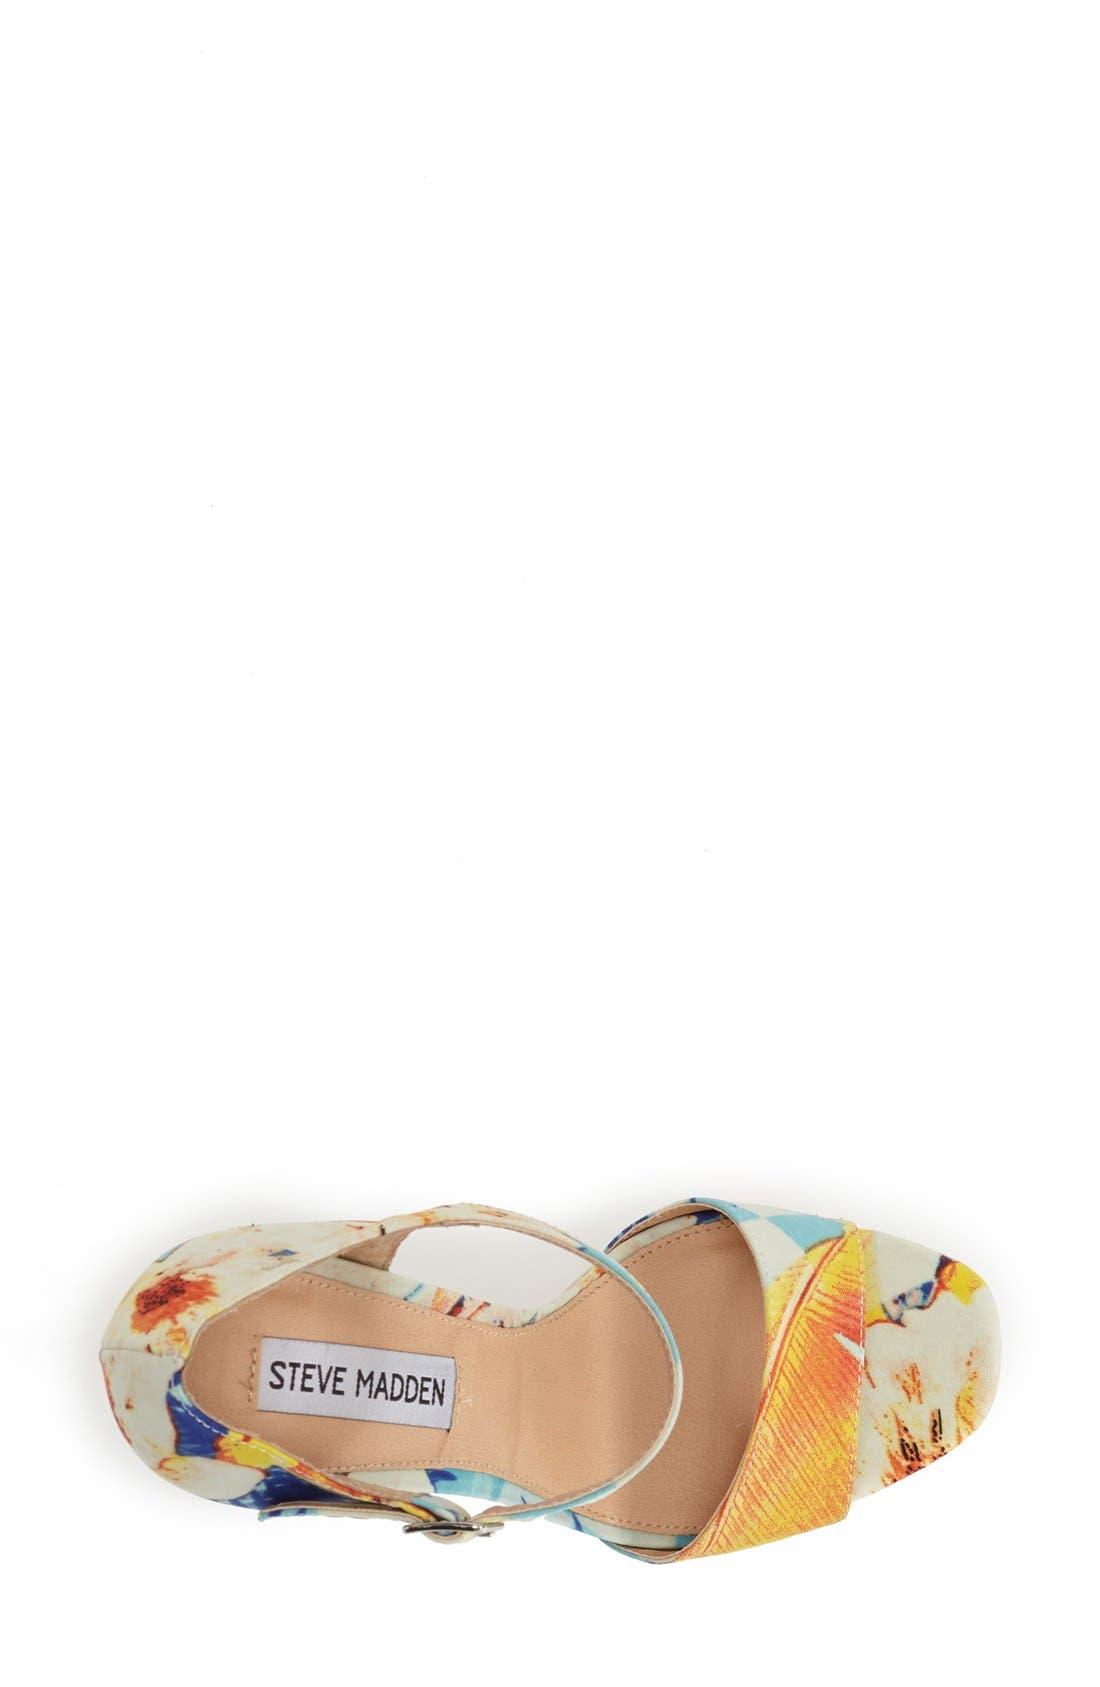 Alternate Image 3  - Steve Madden 'Presae' Platform Sandal (Women)